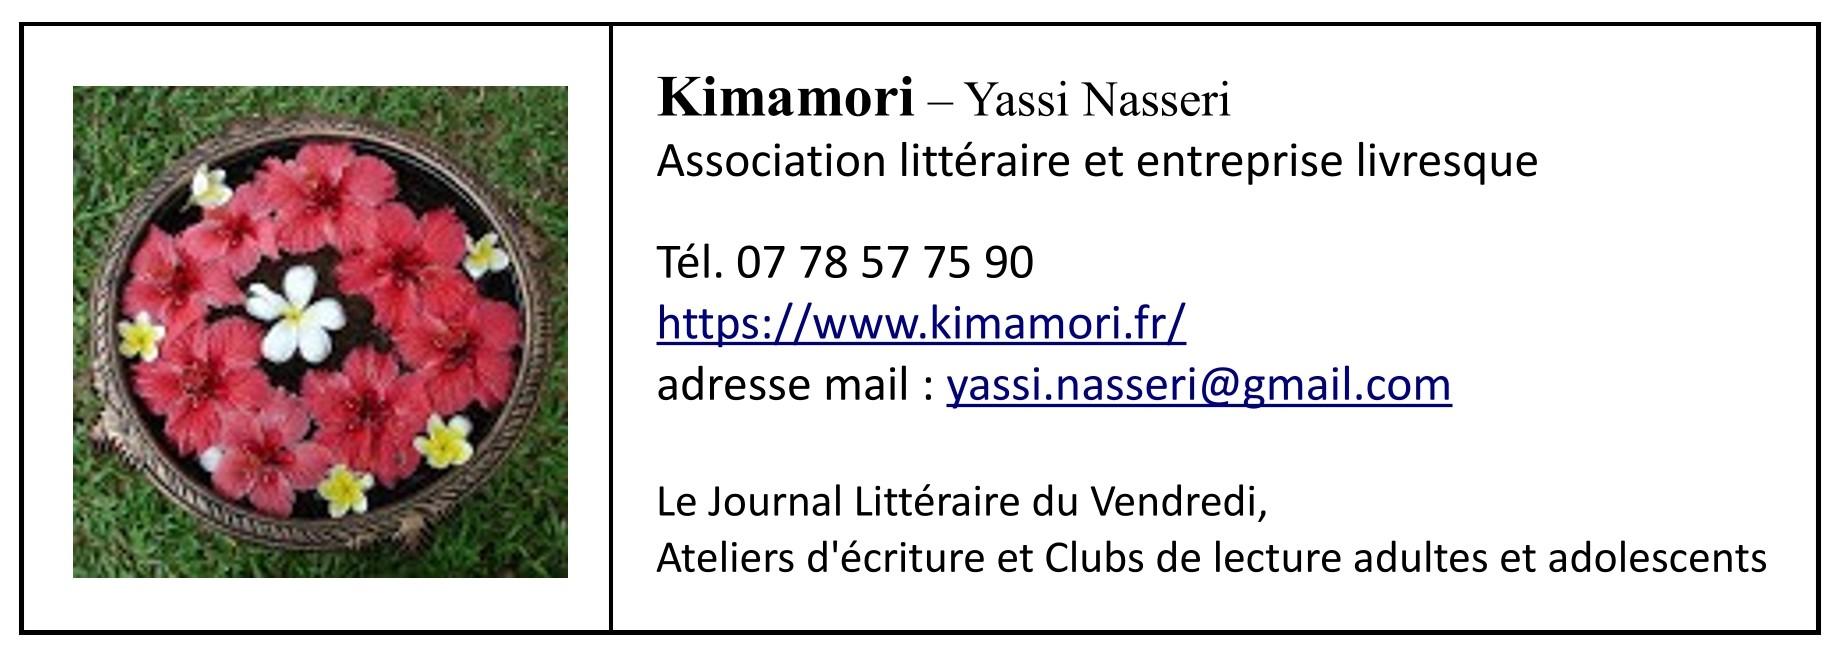 Programmation des ateliers d'écriture et clubs de lecture animés par Kimamori